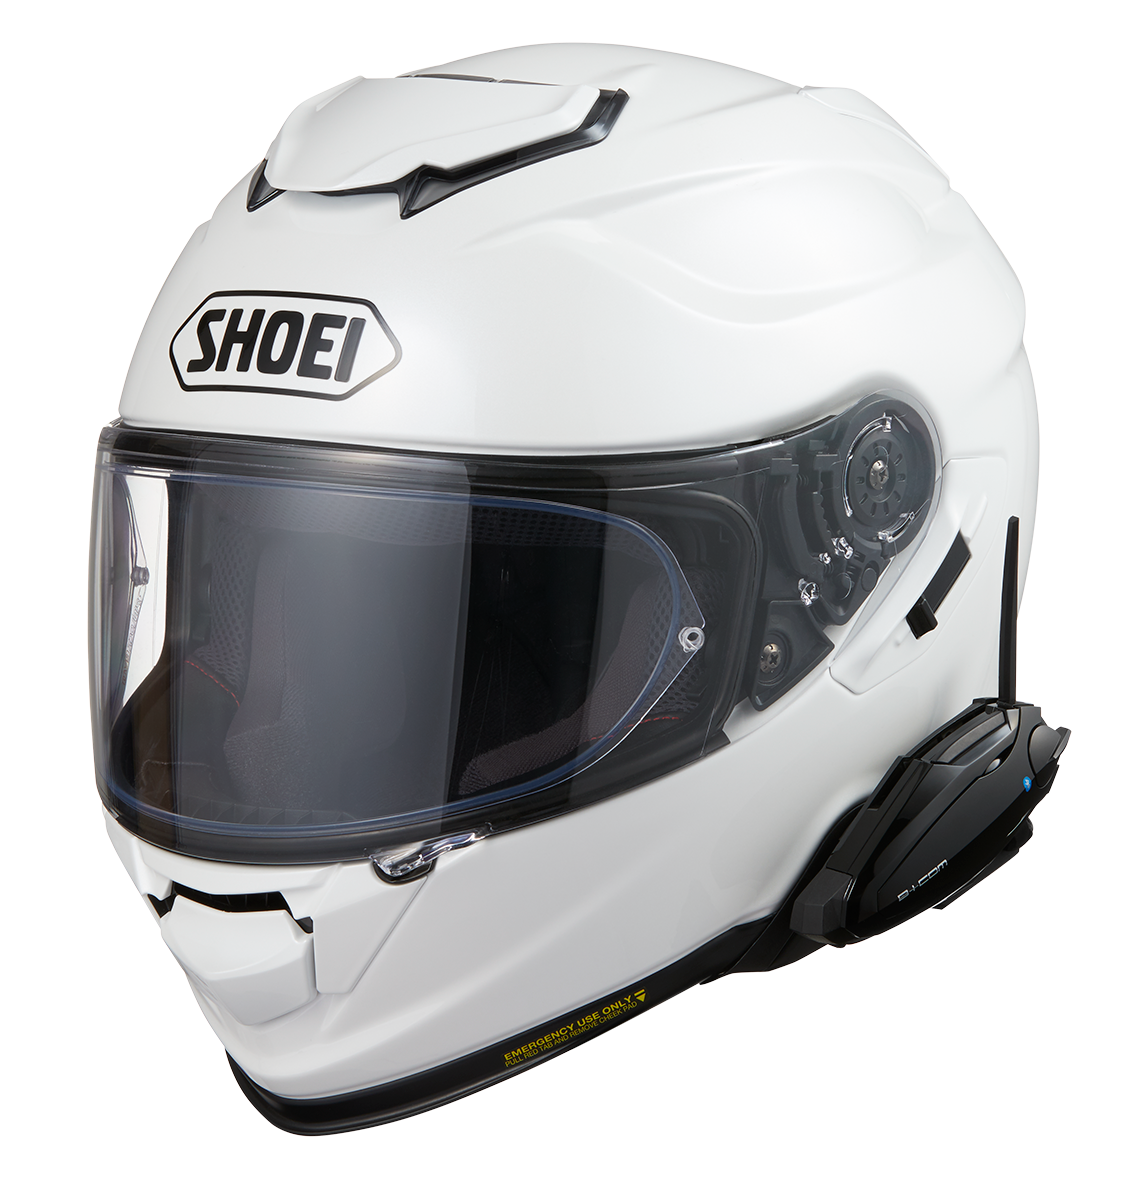 【8/7発売開始】B+COM ヘルメットアタッチメント SHOEI用登場